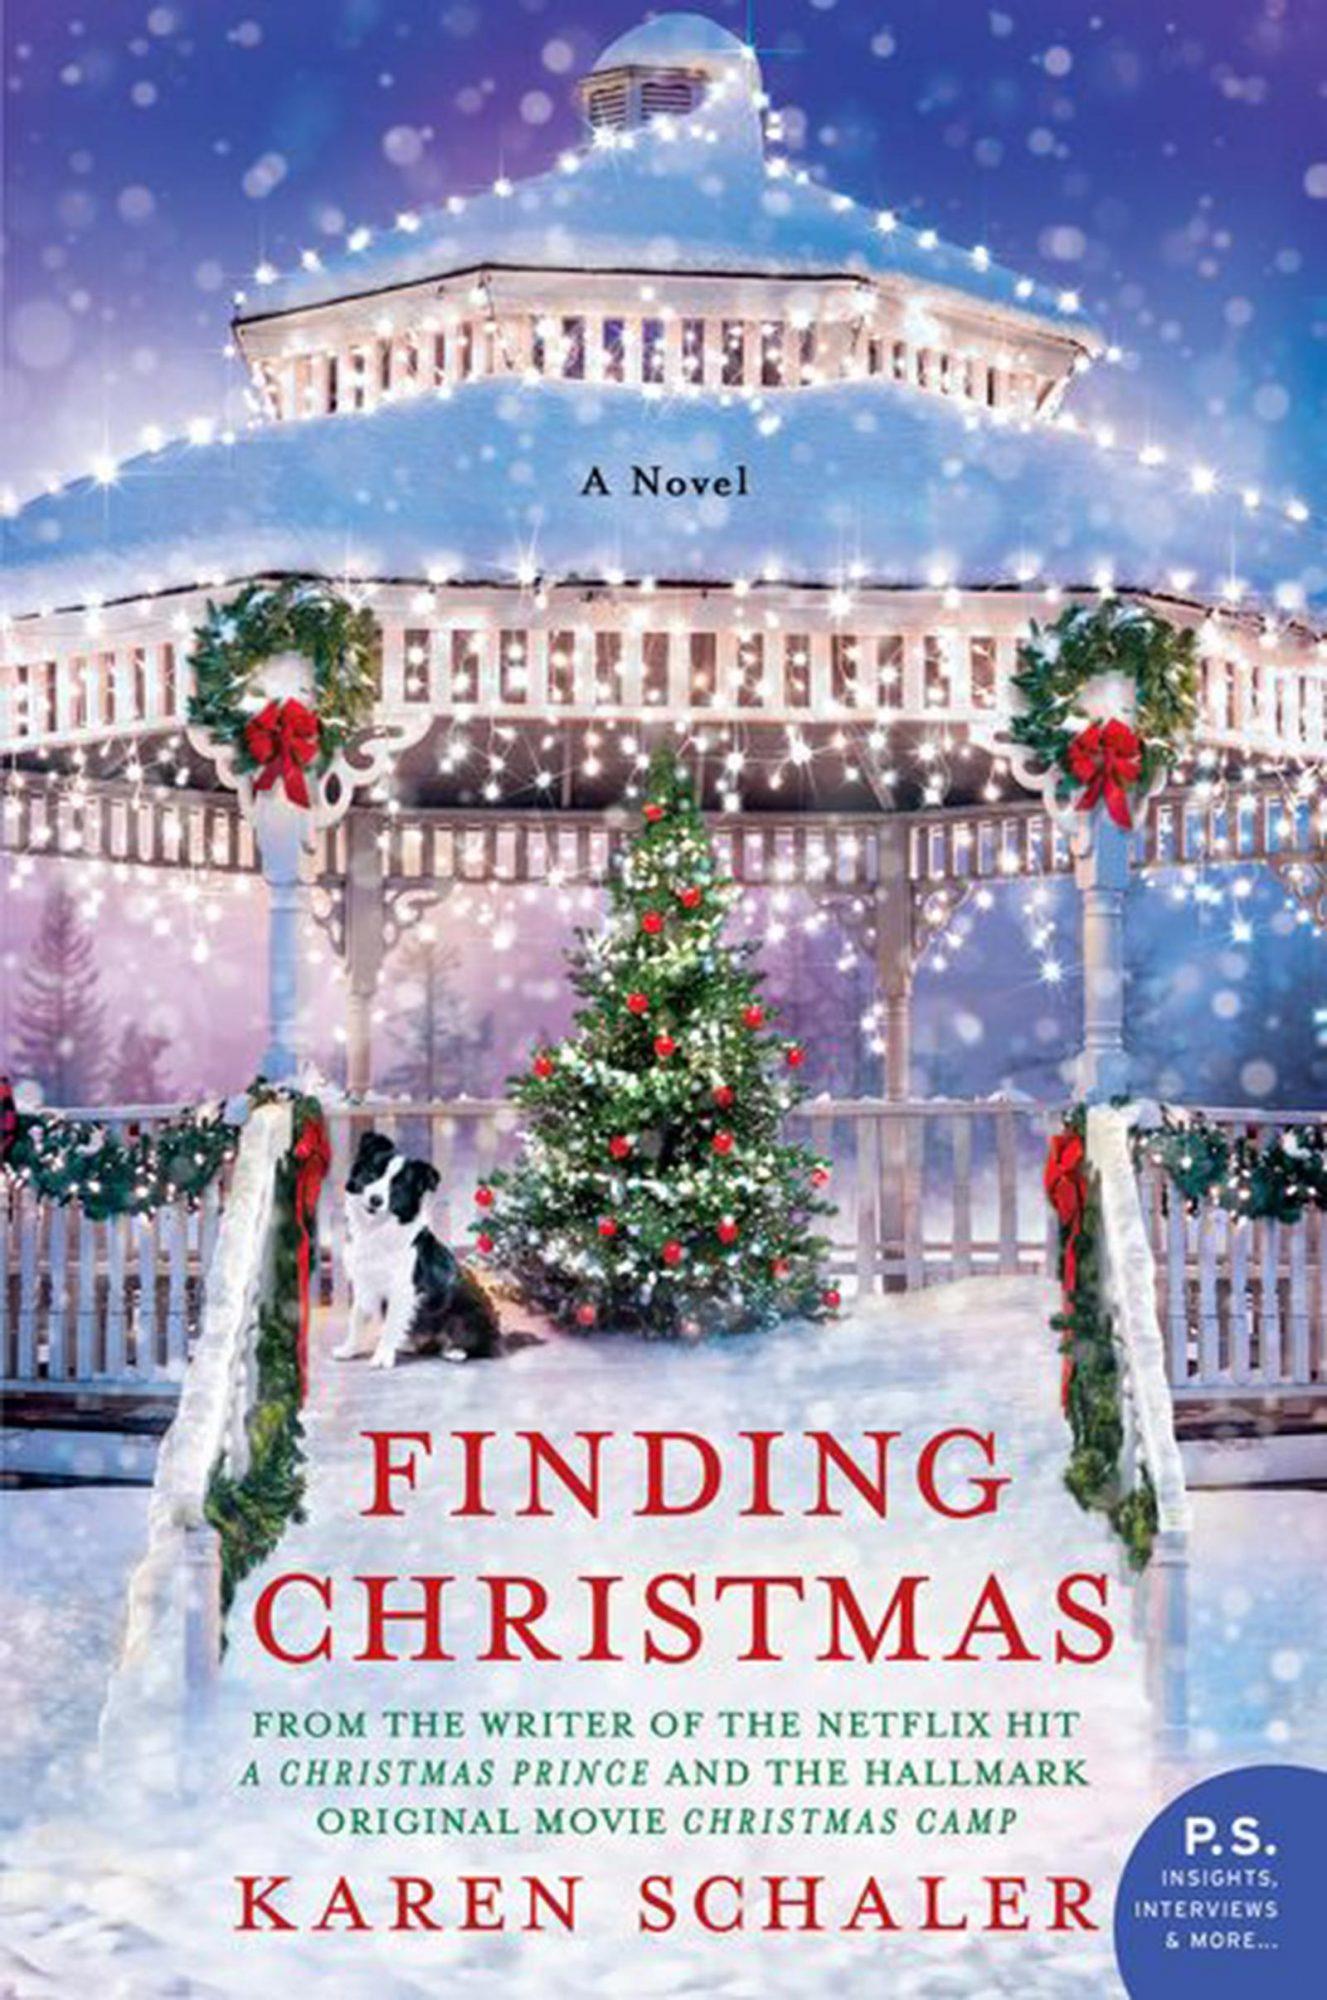 Finding Christmas by Karen SchalerImprint: William Morrow Paperbacks